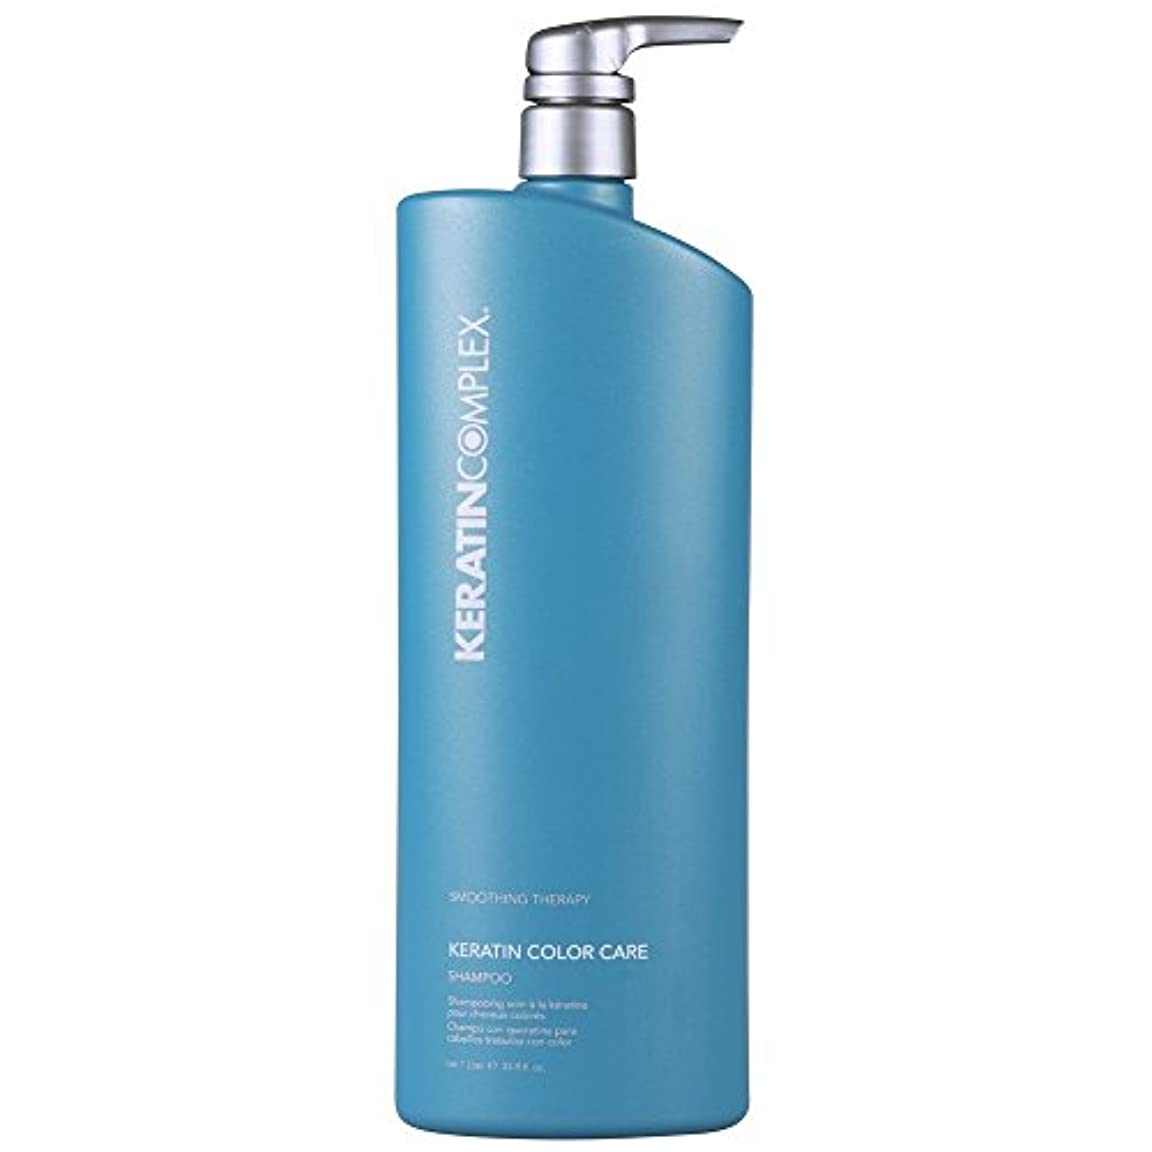 補正どちらも優勢Smoothing Therapy Keratin Color Care Shampoo (For All Hair Types) - 1000ml/33.8oz